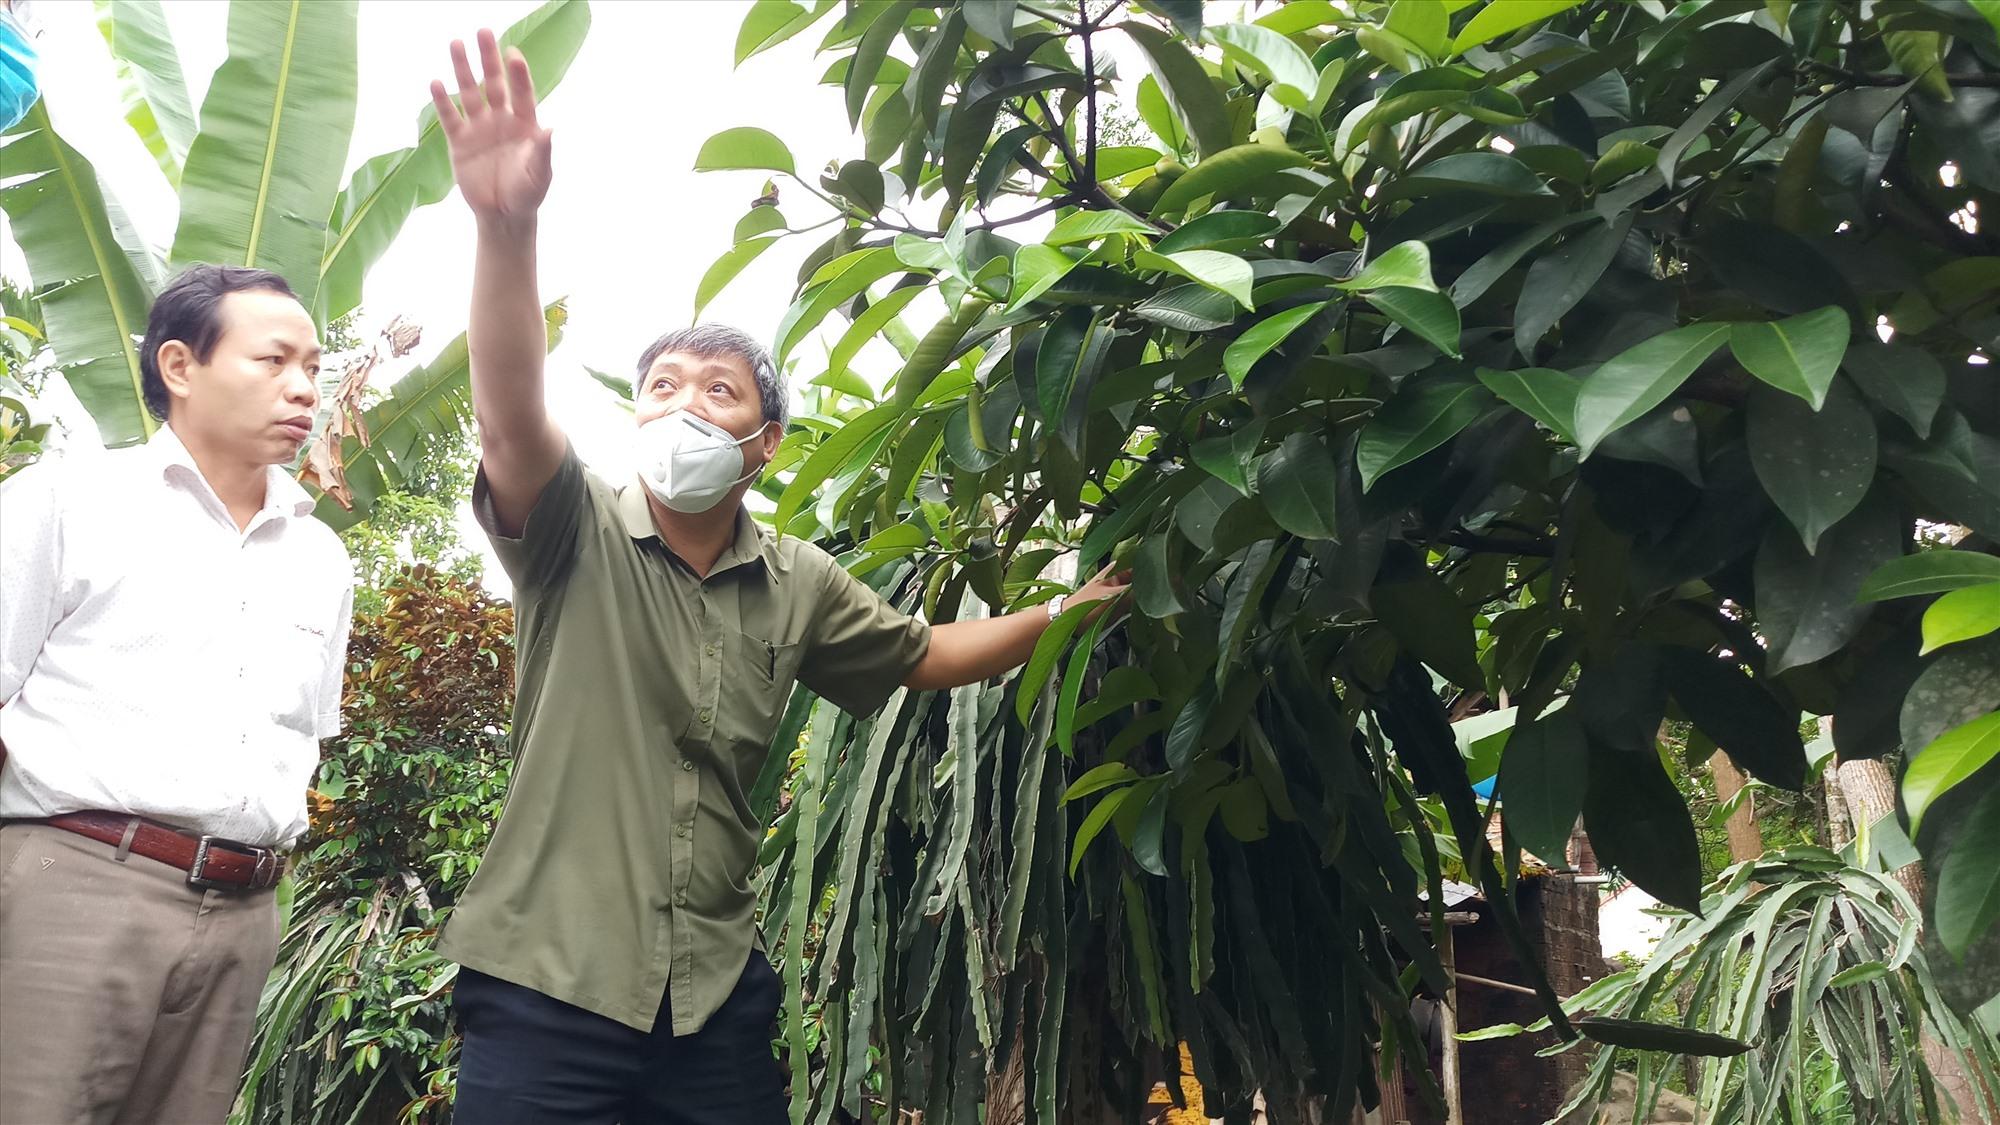 Phó Chủ tịch UBND tỉnh Hồ Quang Bửu bày tỏ thích thú khi vô tình phát hiện cây măng cụt tại vườn của một hộ dân. Ảnh: A.N